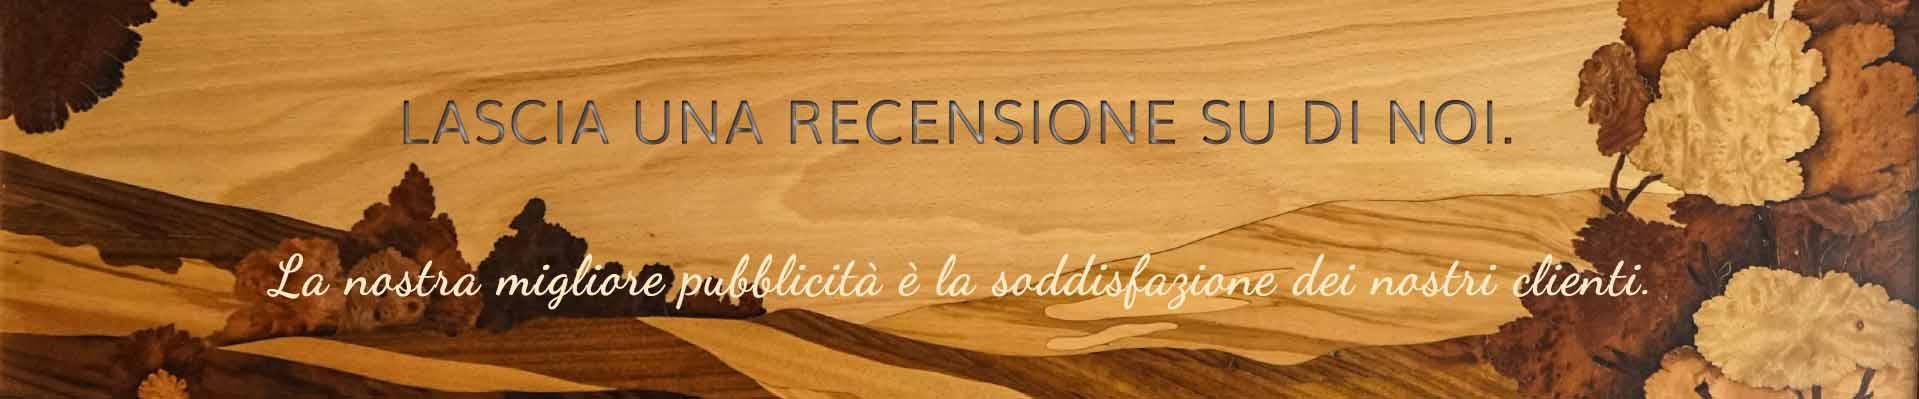 falegnameria_culici_messina_lascia_la_recensione